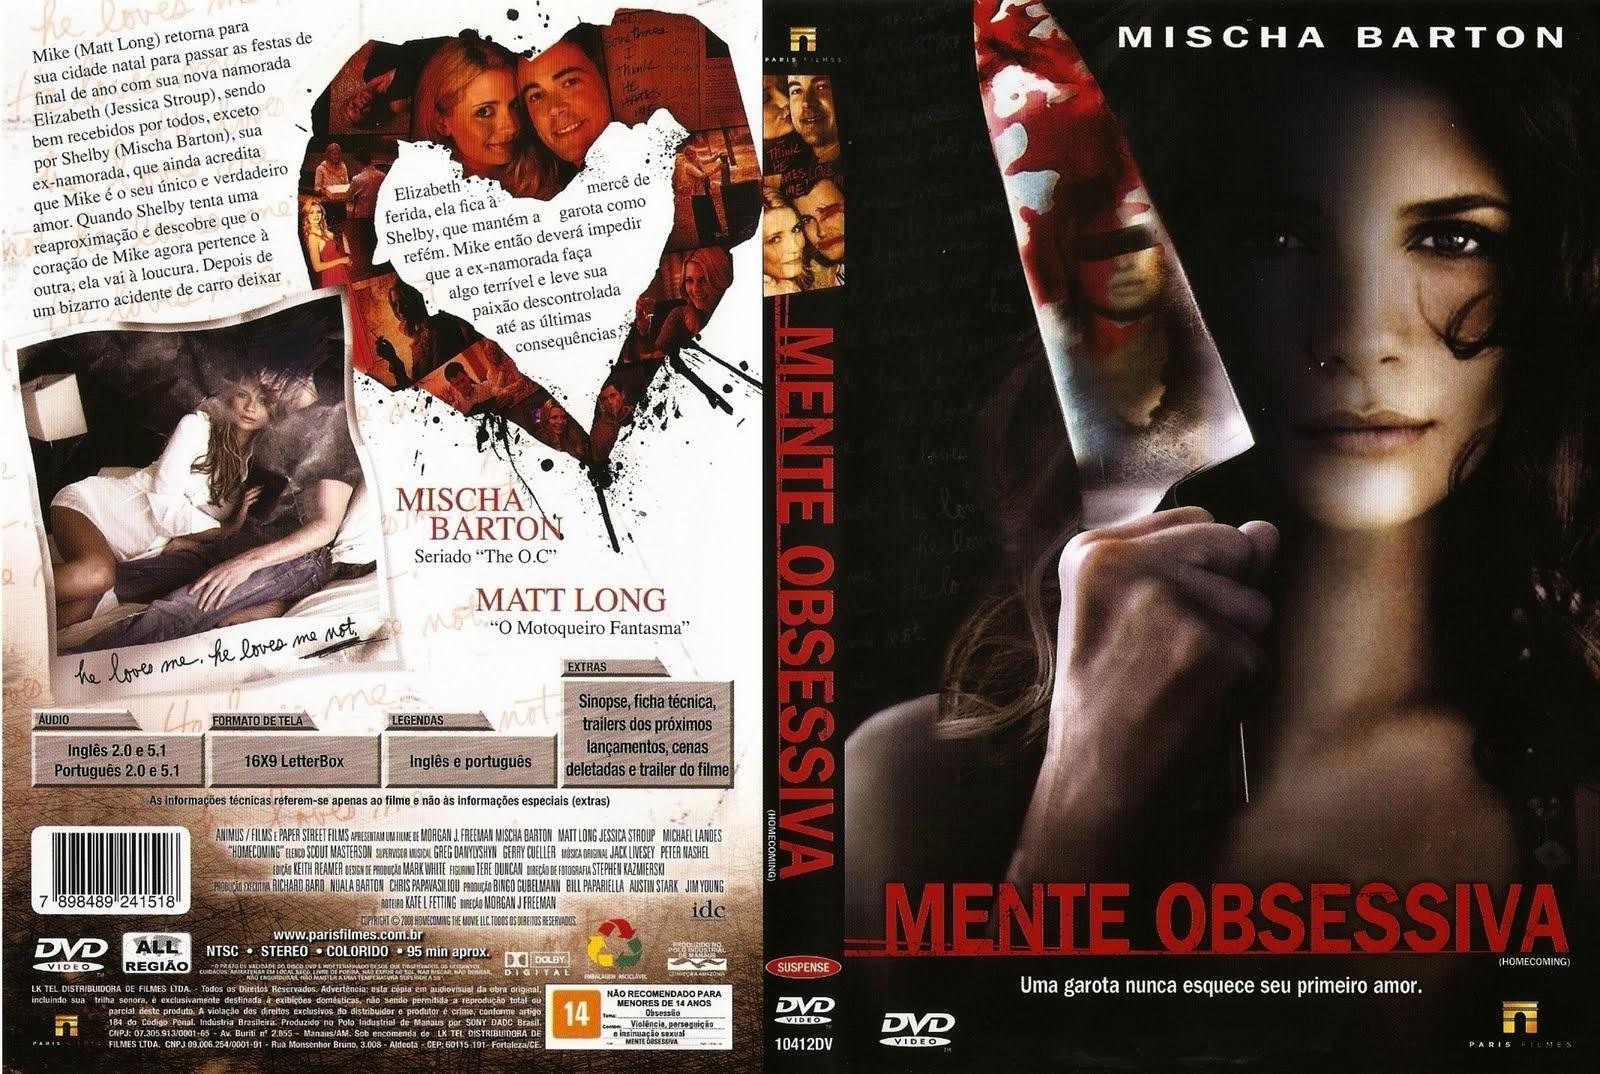 Mente Obsessiva DVD Capa